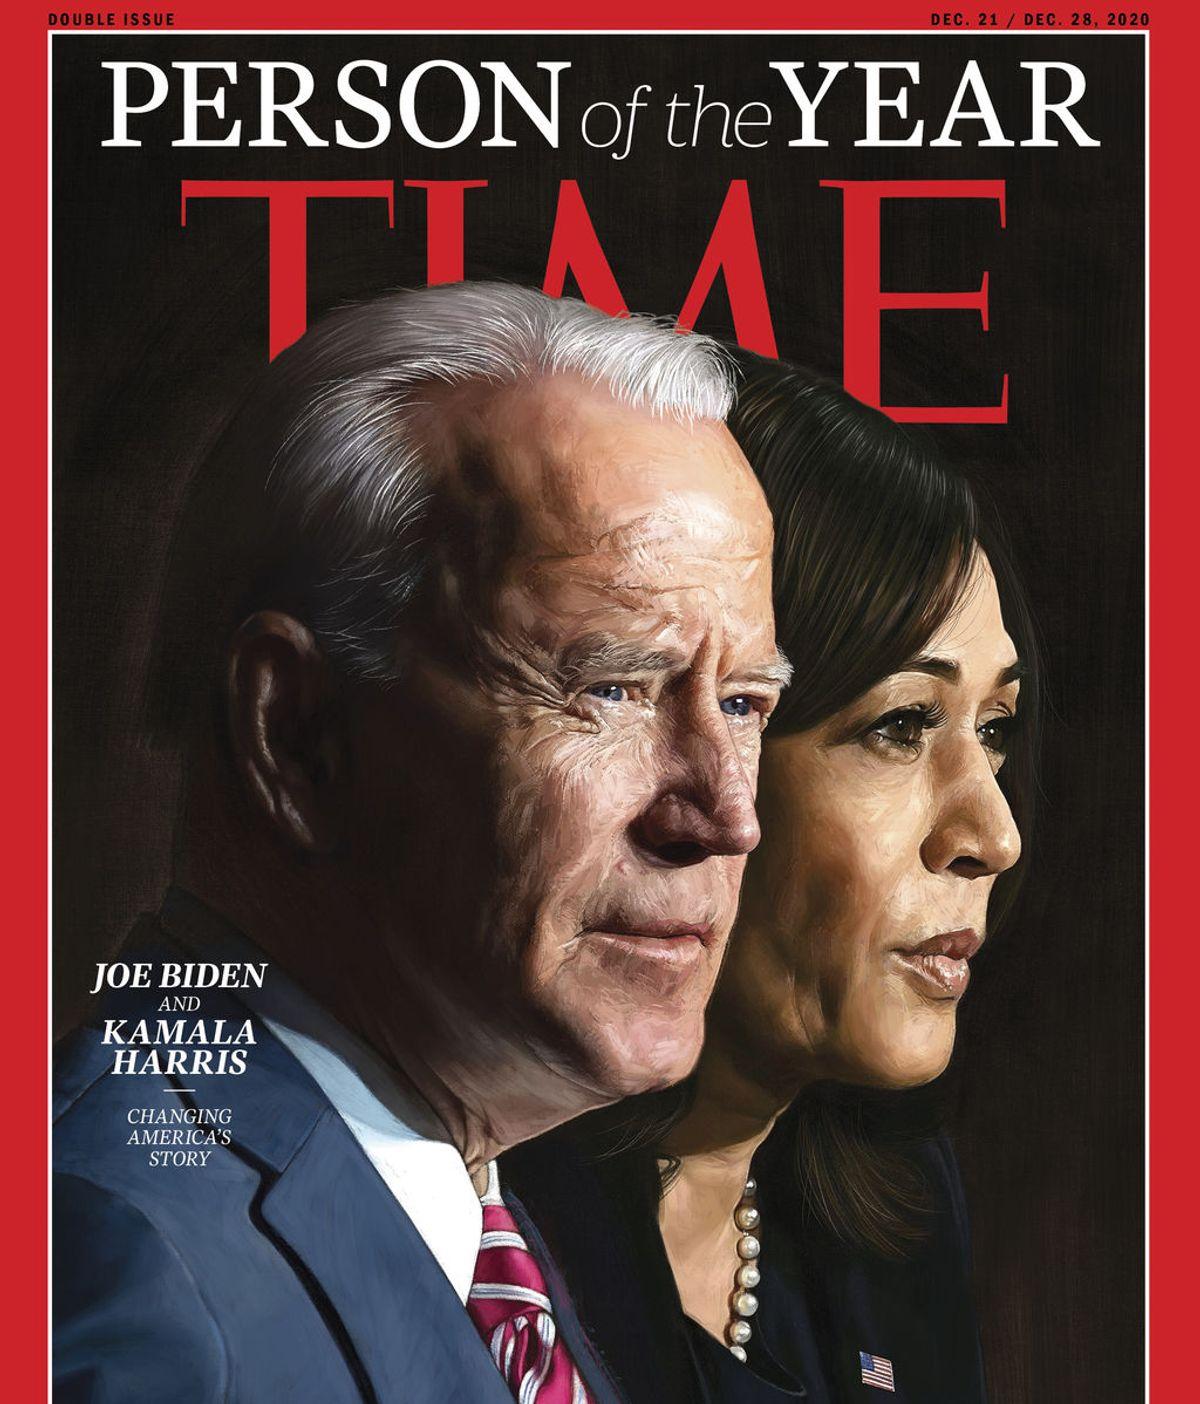 'Time' declara personas del año a Joe Biden y Kamala Harris